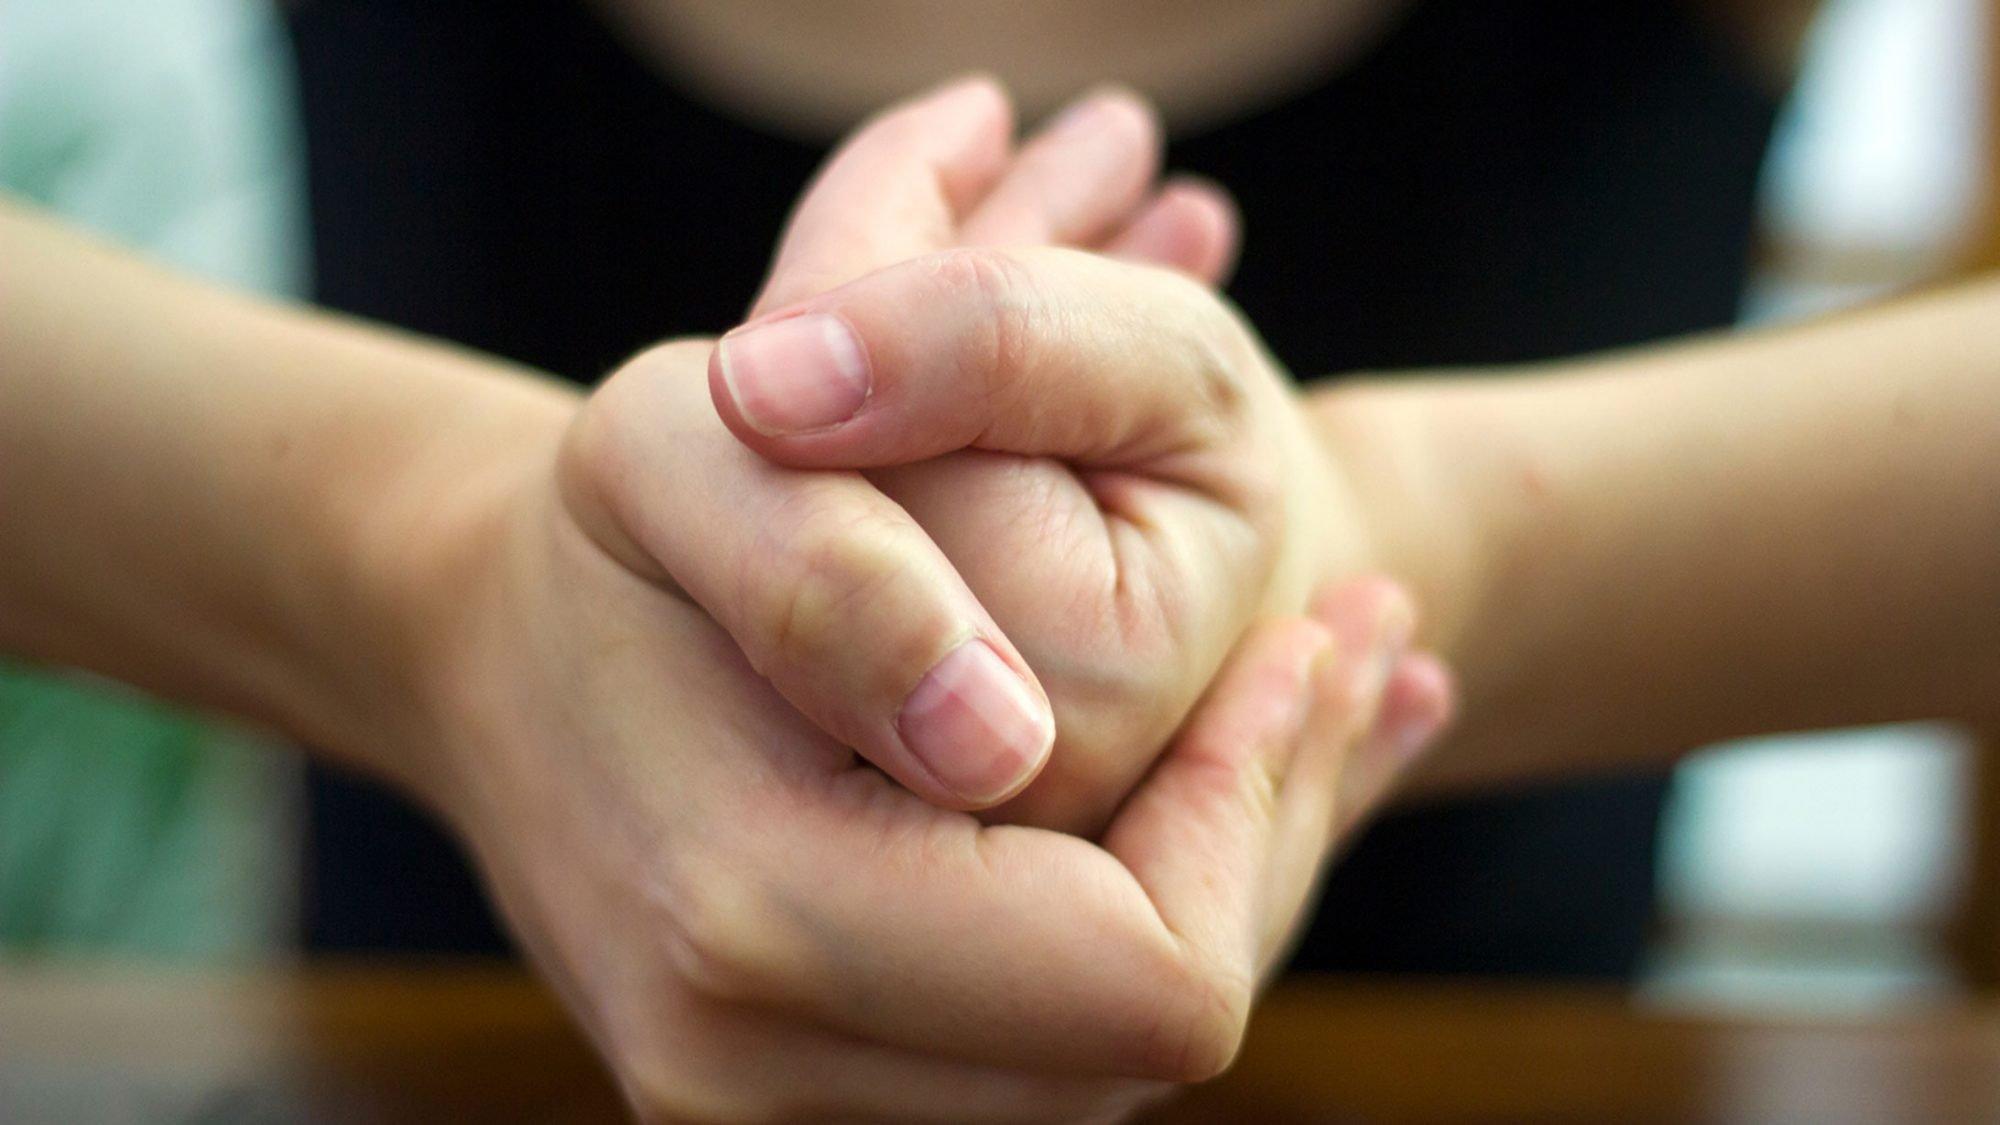 Arthrose durch Finger-Knacken? Ein Mythos, sagt Karim Eid vom KSB.